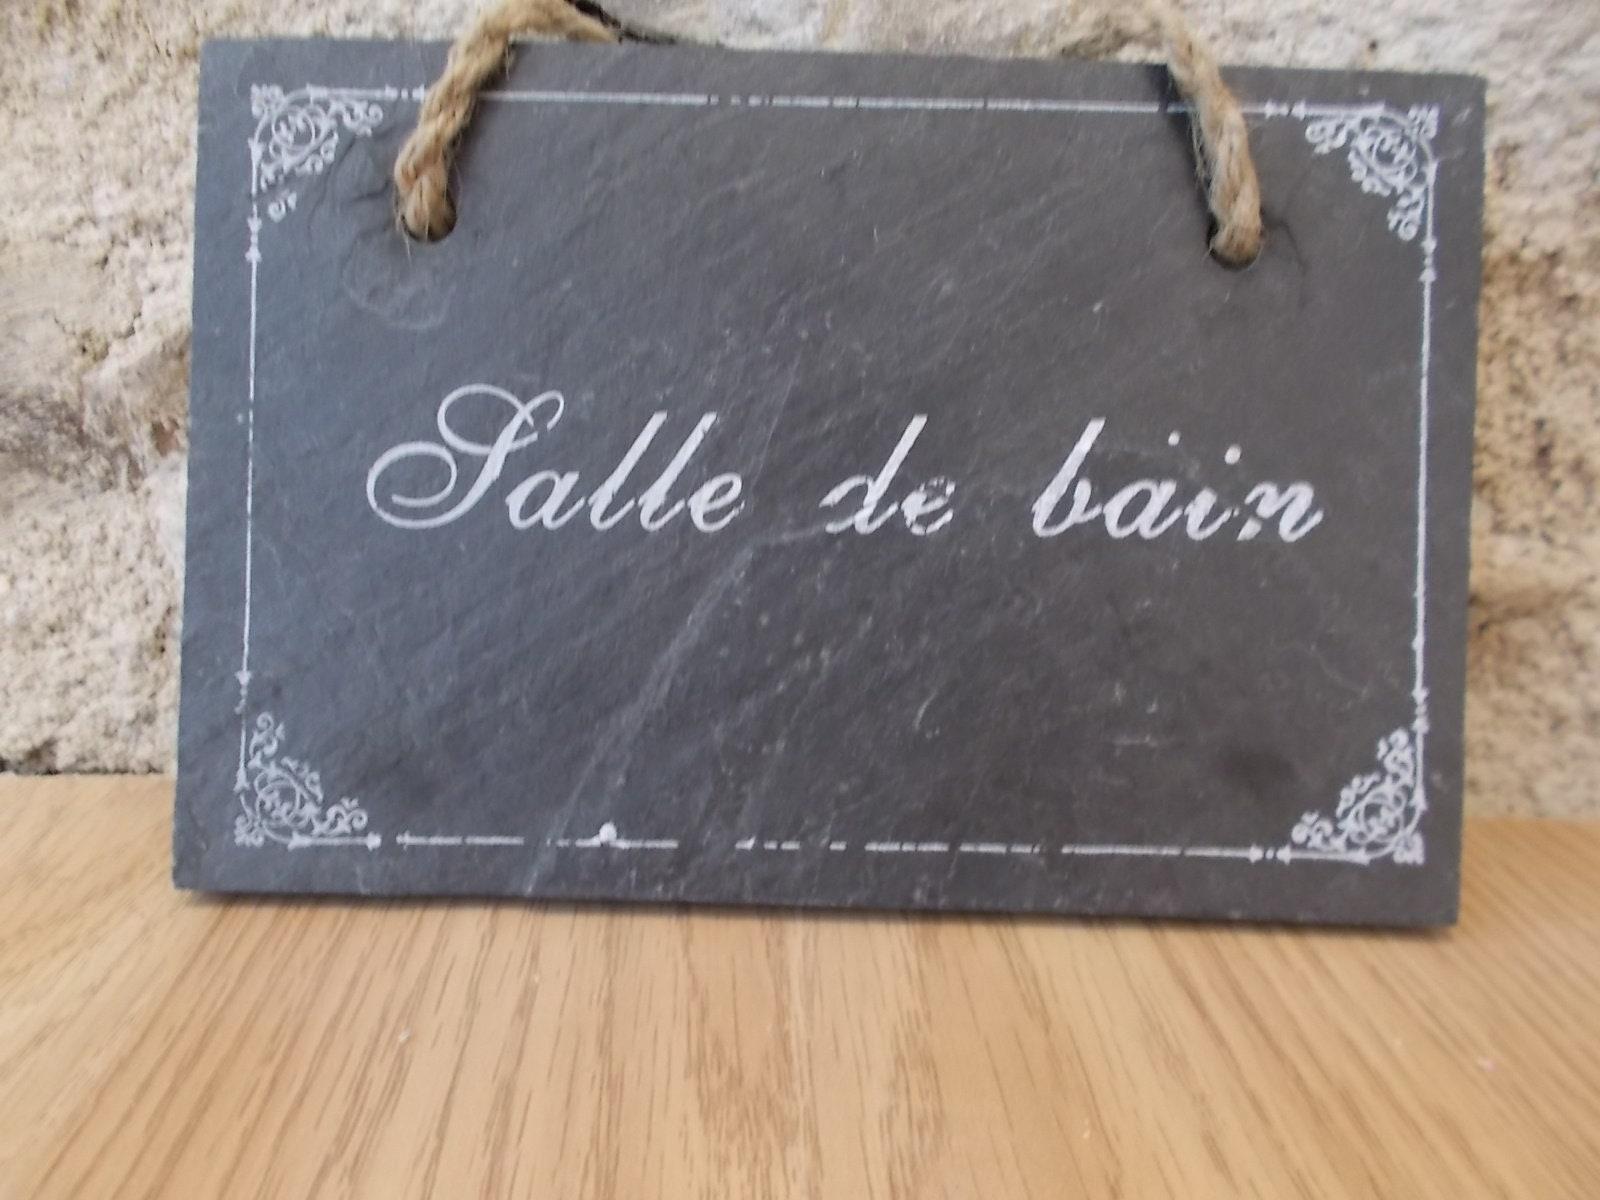 Salle De Bain Plaque french slate door plaque. vintage french grey slate salle de bain  (bathroom) plaque. french room sign. door plate. door sign